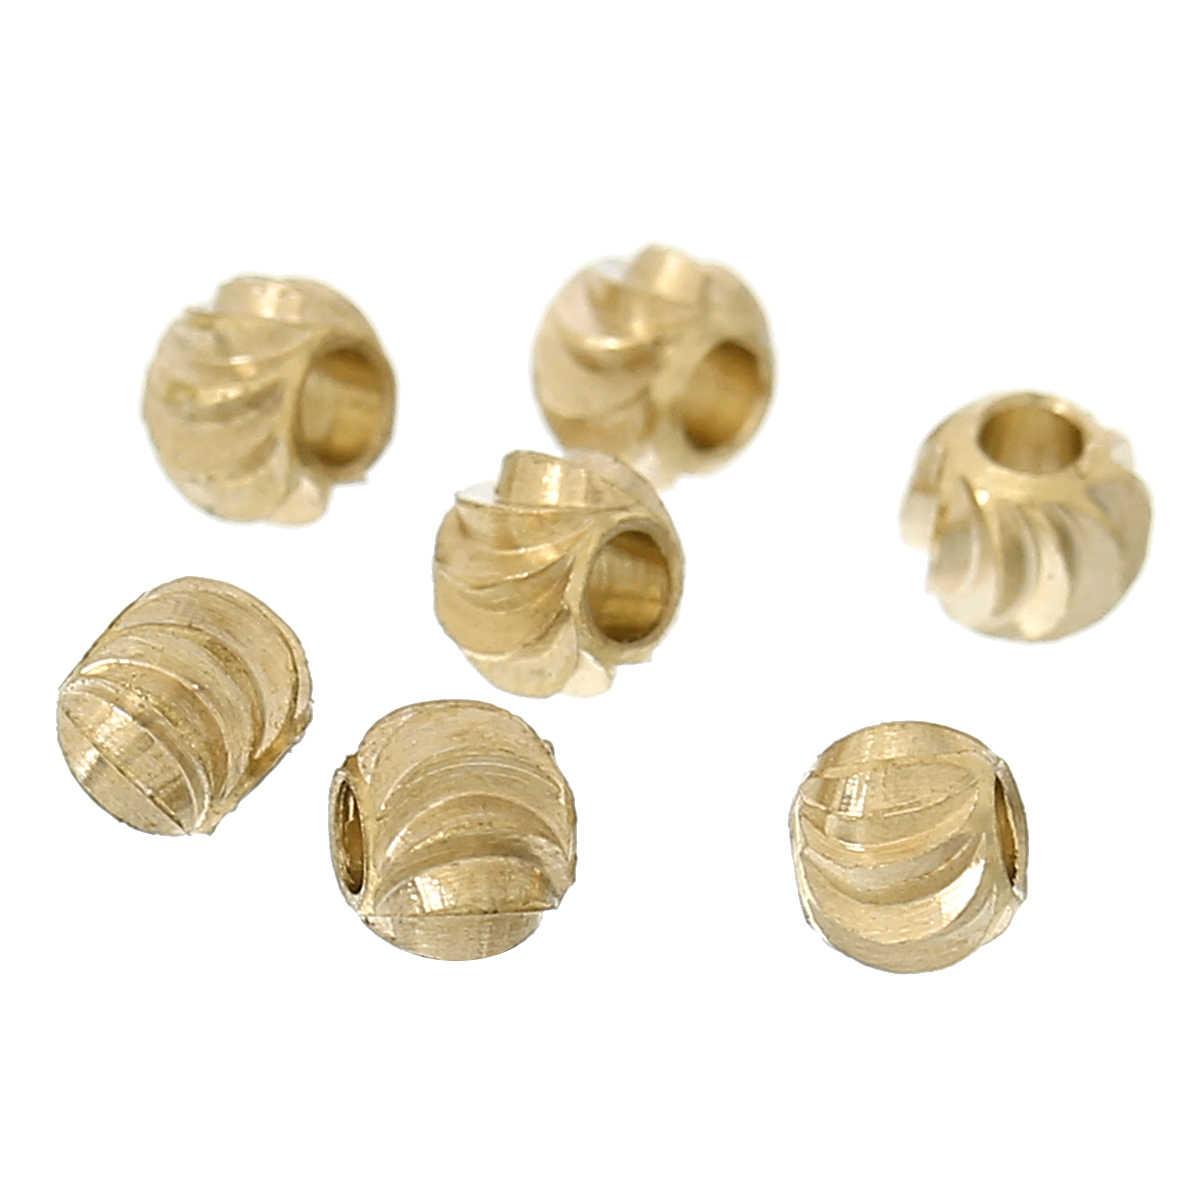 DoreenBeads gran oferta joyería cobre espaciador cuentas de Metal luz redonda dorada unos 3mm de diámetro, agujero: aprox. 1,3mm, 15 piezas